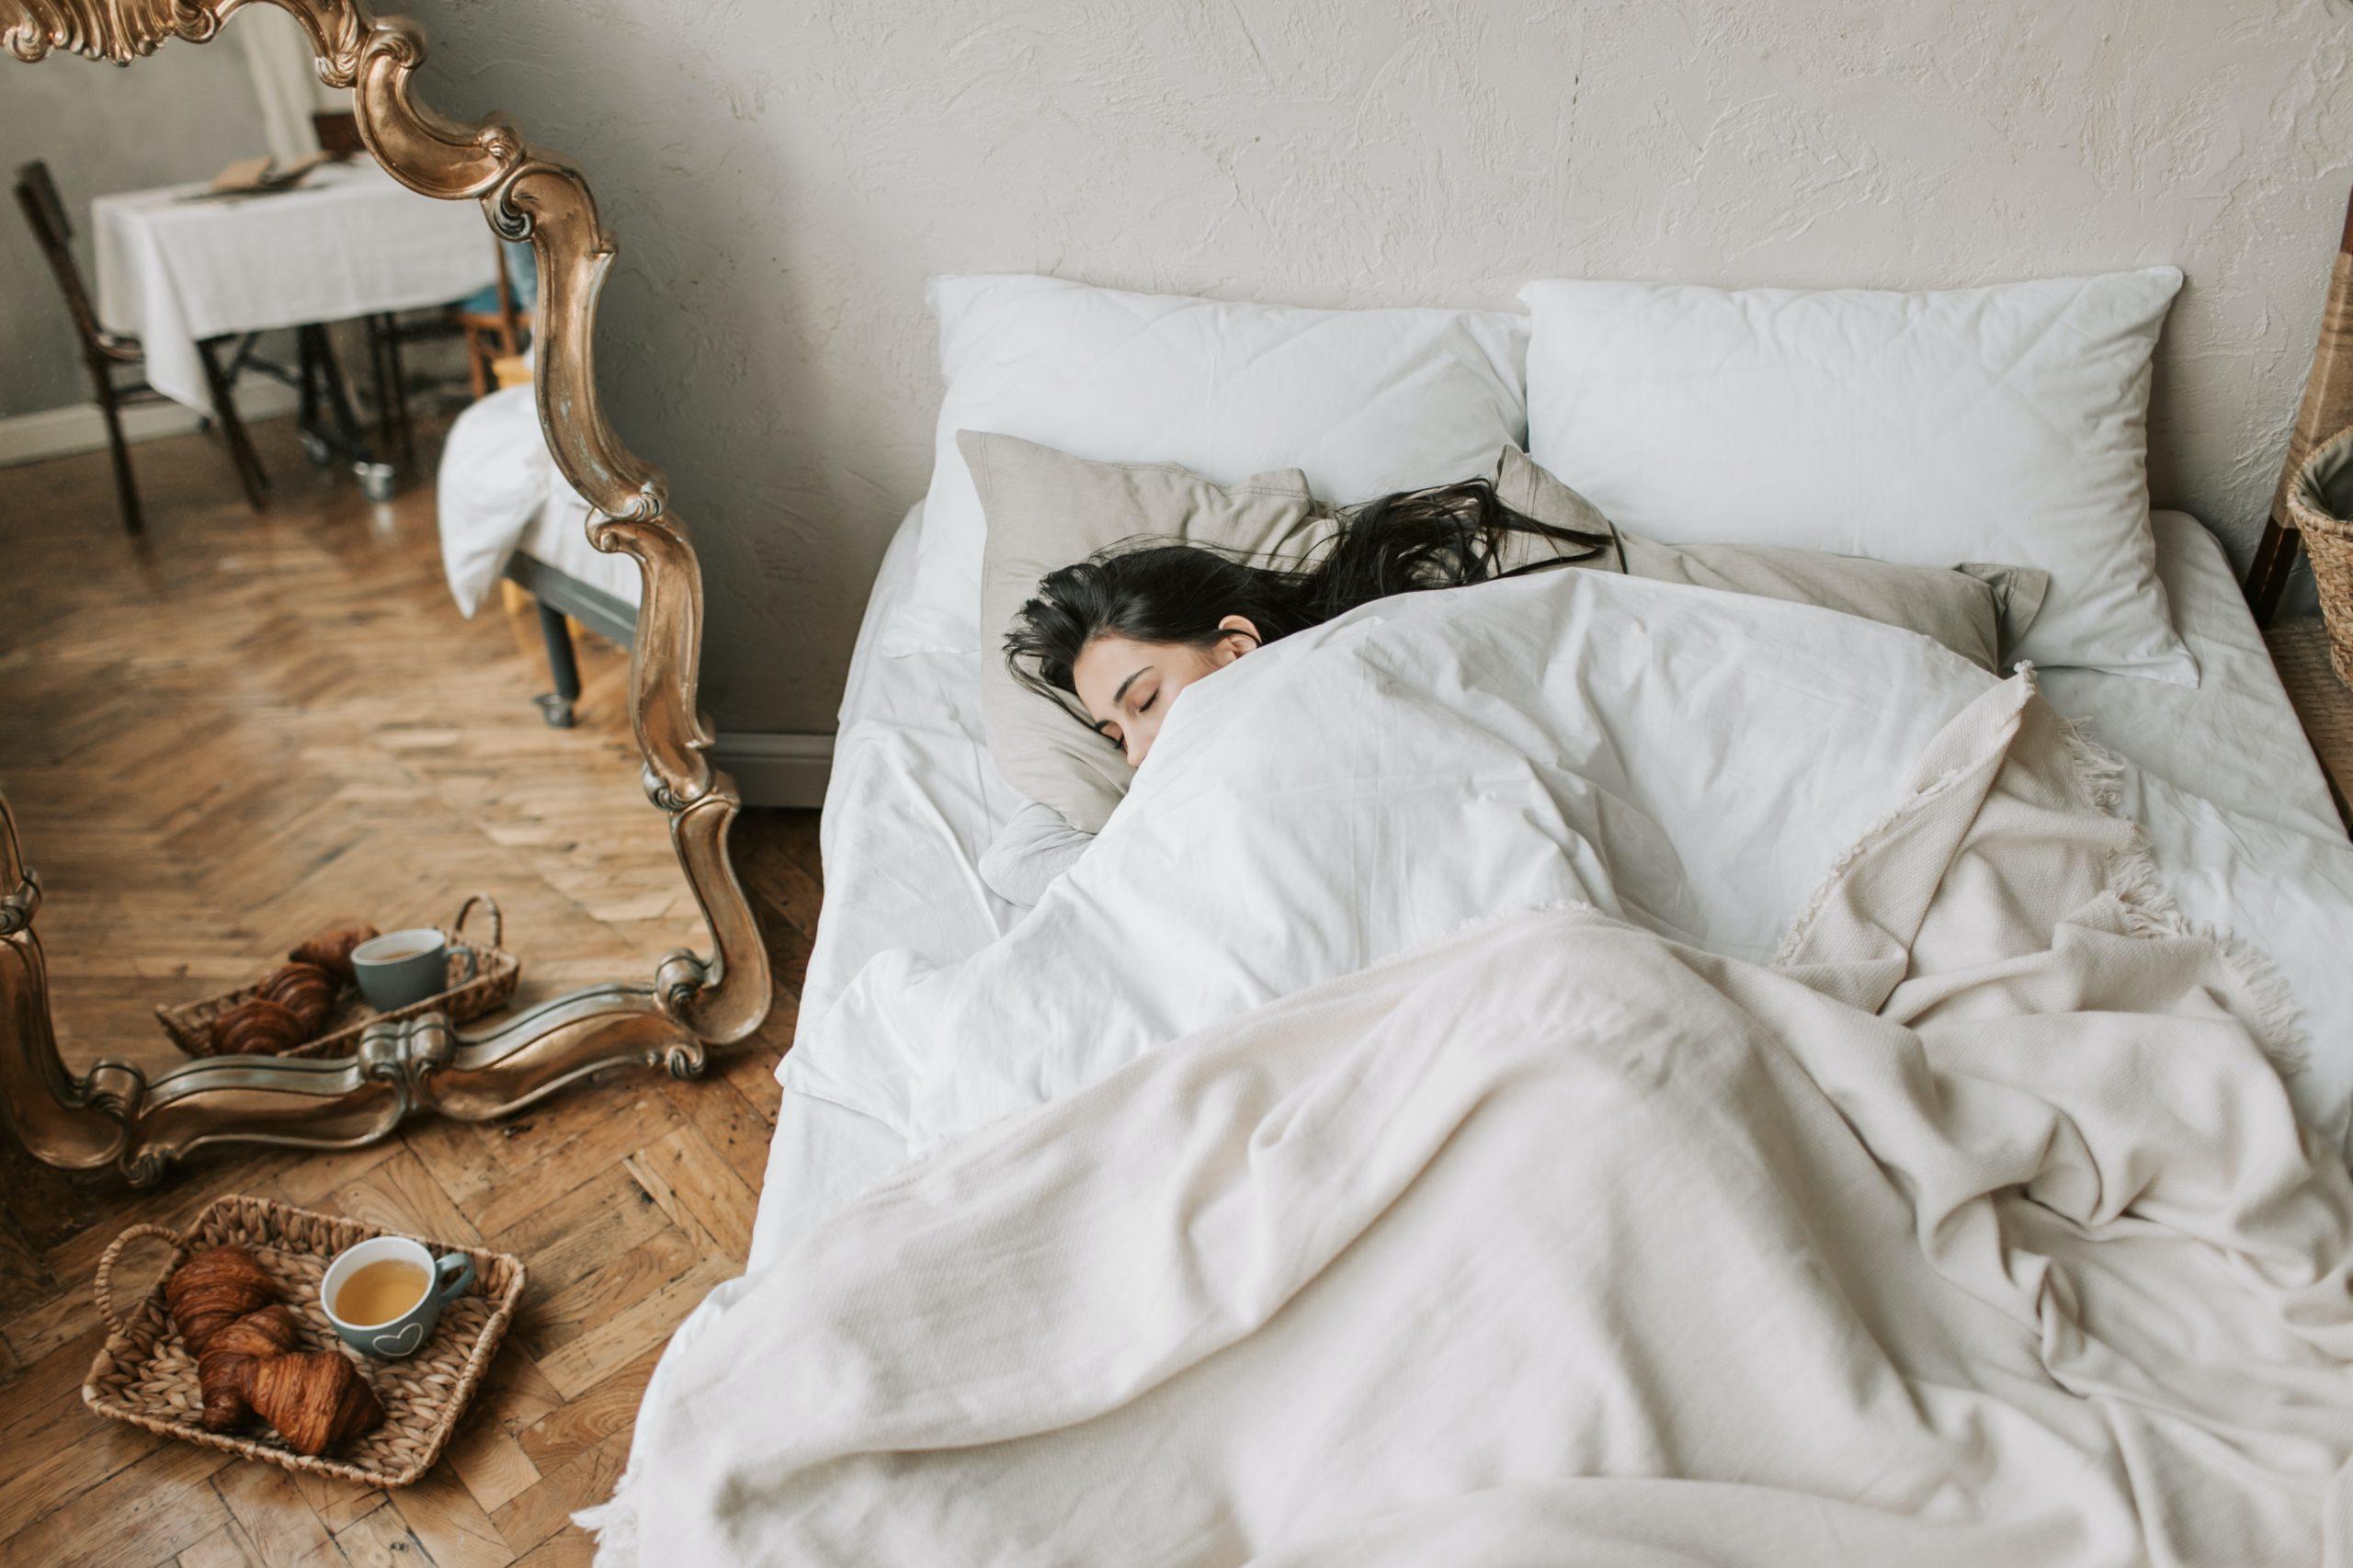 Jeśli zbyt krótko śpisz, wolniej chudniesz! Niedosypianie osłabia metabolizm i może skutecznie uniemożliwiać utratę nadwagi